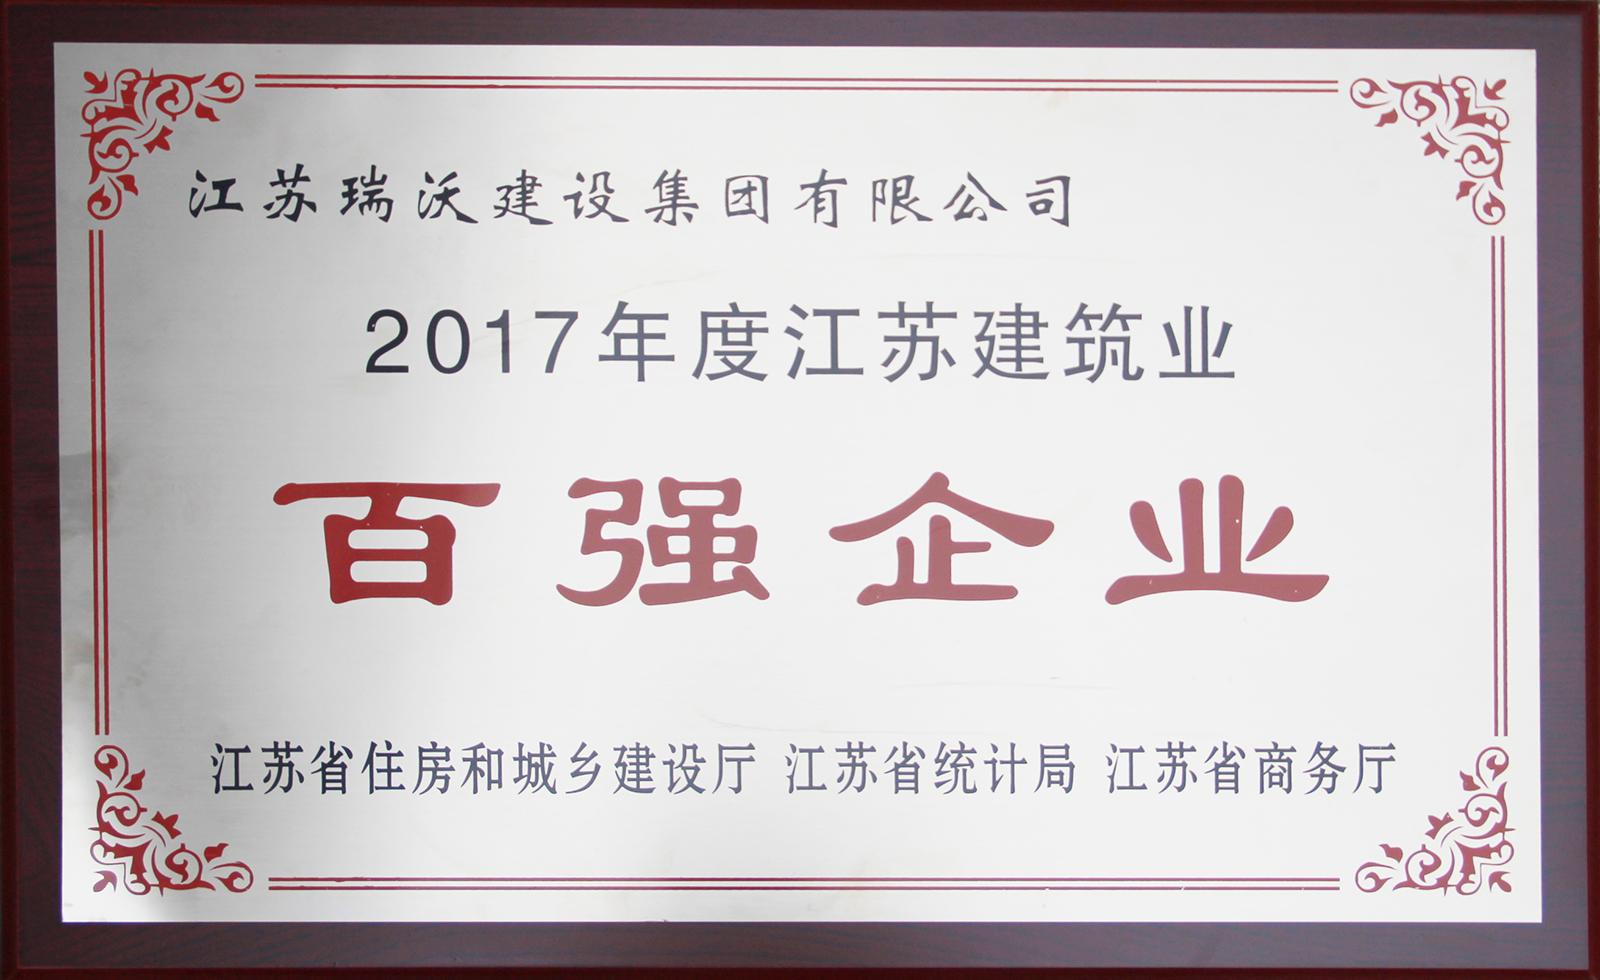 2017年江苏省建筑业百强企业